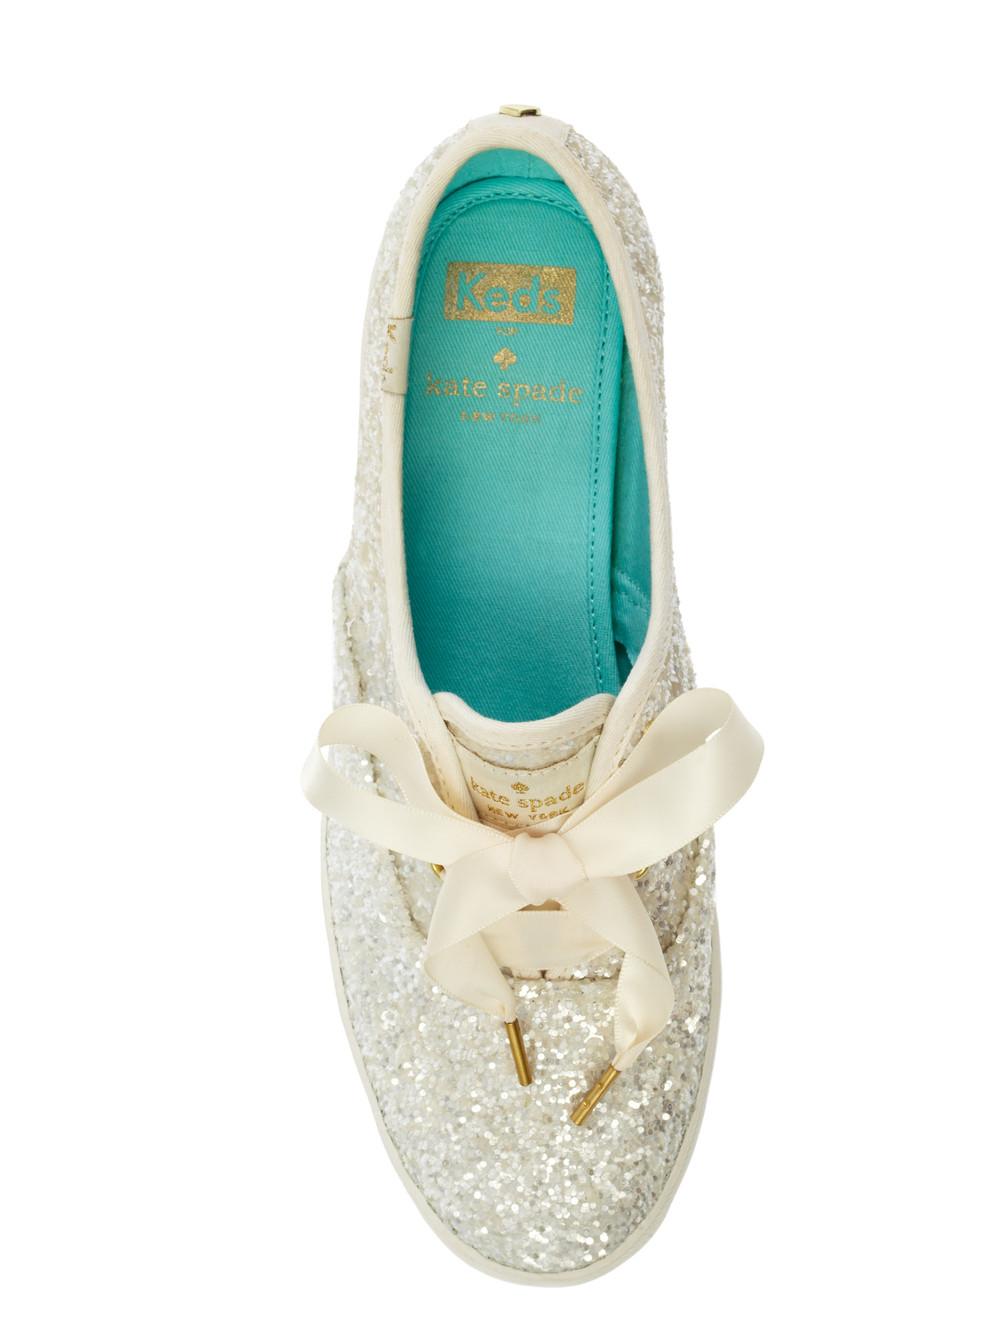 Kate Spade glitter sneaker.jpeg